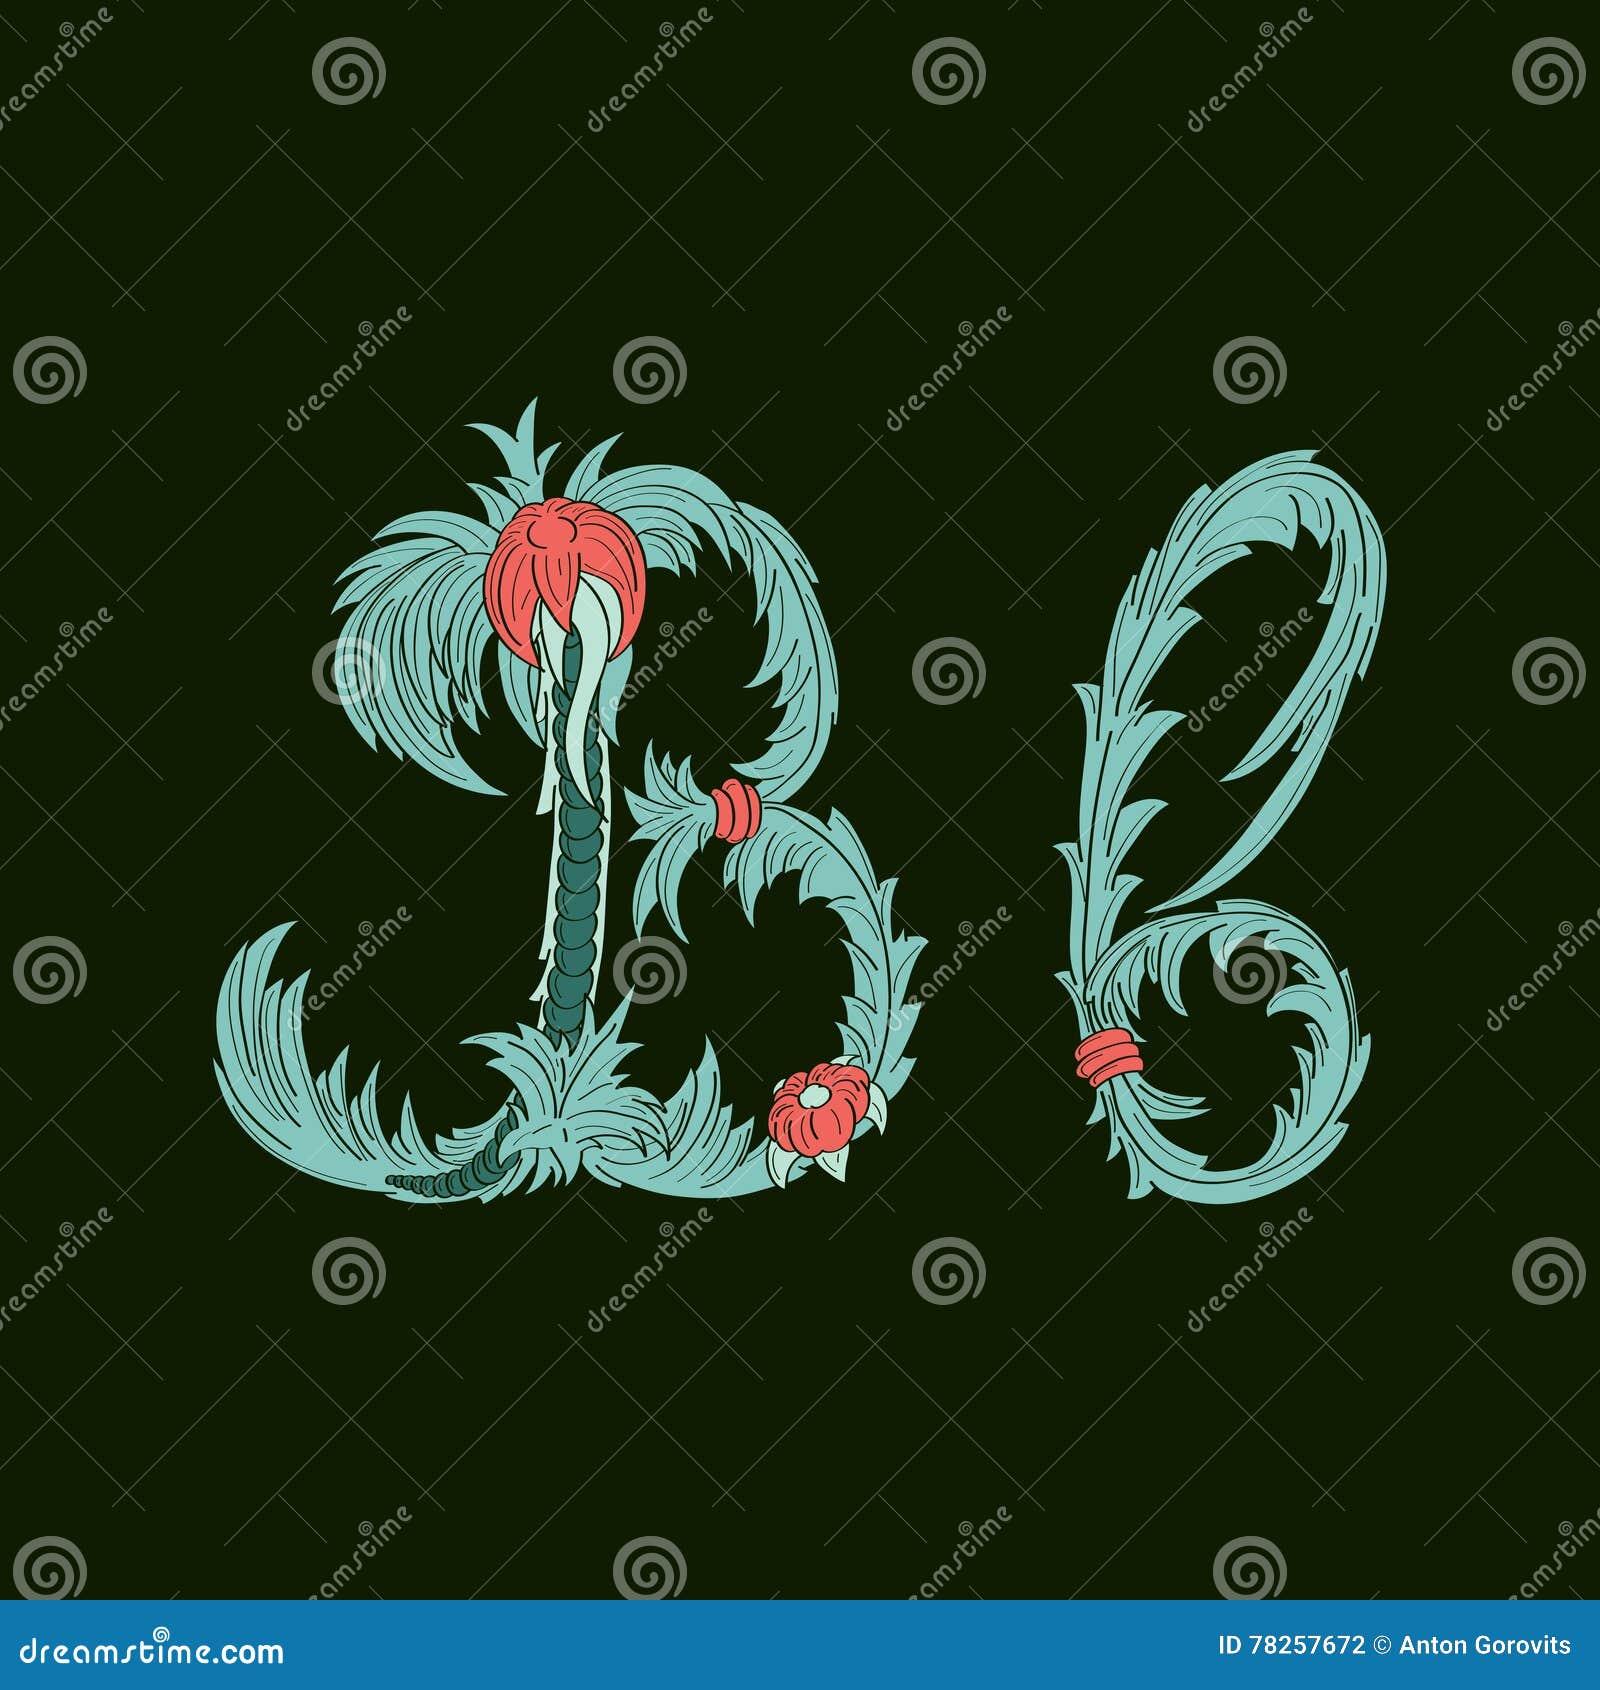 Αφηρημένο εικονίδιο λογότυπων γραμμάτων Β στο μπλε τροπικό ύφος